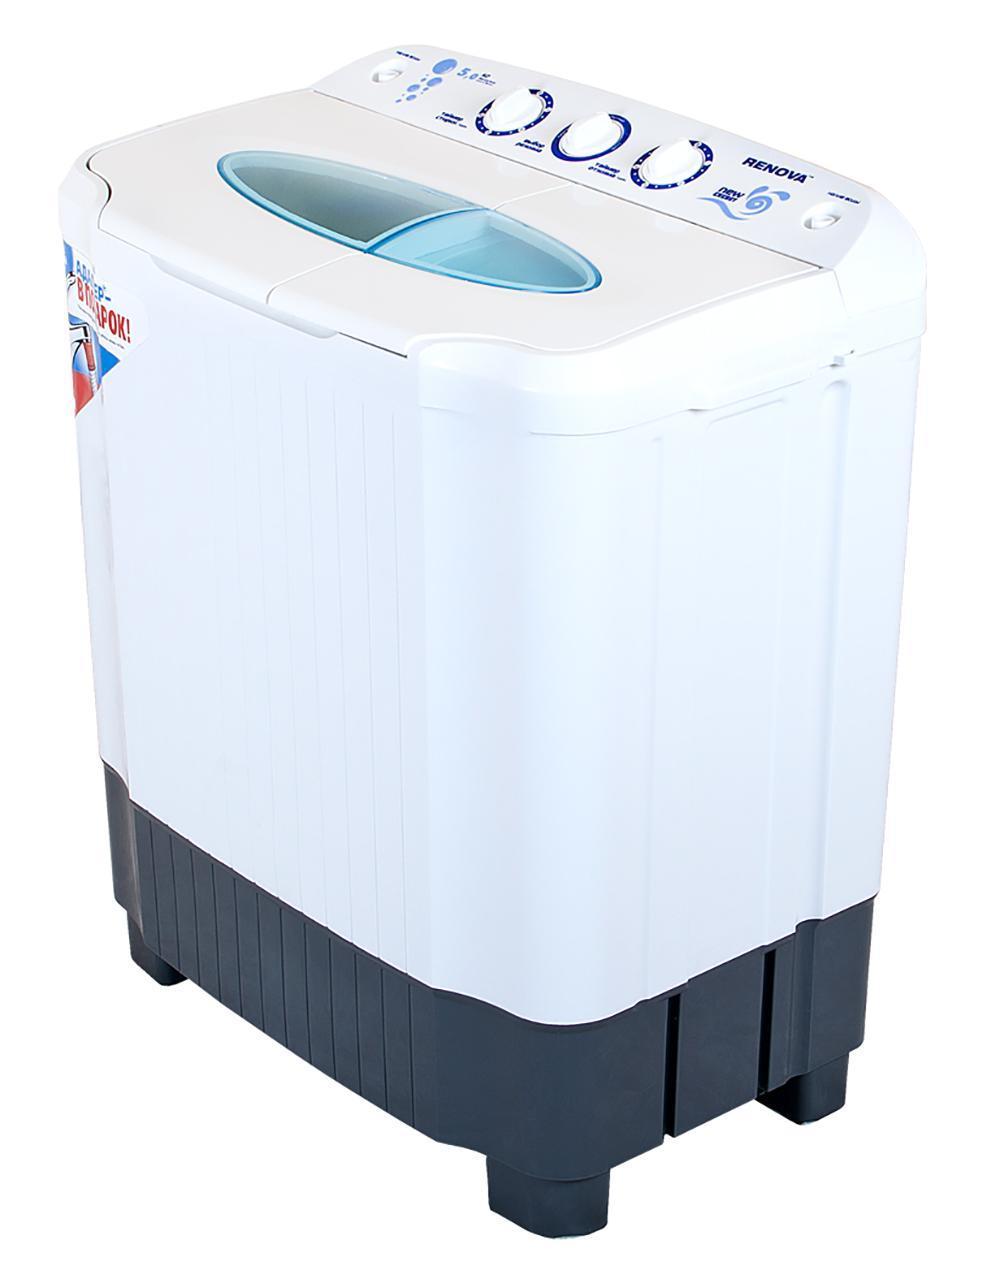 Renova WS-50PET стиральная машина4650000914546Новая серия New Energy Новый, более мощный двигатель, повышающий эффективность стирки Эксклюзивная форма активатора, направленно распределяет потоки воды, улучшая качество стирки Загрузка сухого белья в бак стирки до 5 кг Загрузка белья при отжиме до 4,5 кг Отжим 1350 об/мин Максимальная потребляемая мощность: 480 Вт Таймер Сливной насос Безопасная система отжима Пластиковый корпус, не подверженный коррозии Новый современный дизайн Габариты (ширина/глубина/высота): 650X390X760 мм Размеры упаковки: 690x420x790 мм Масса НЕТТО: 15 кг Класс энергоэффективности: А+ Сделано в России